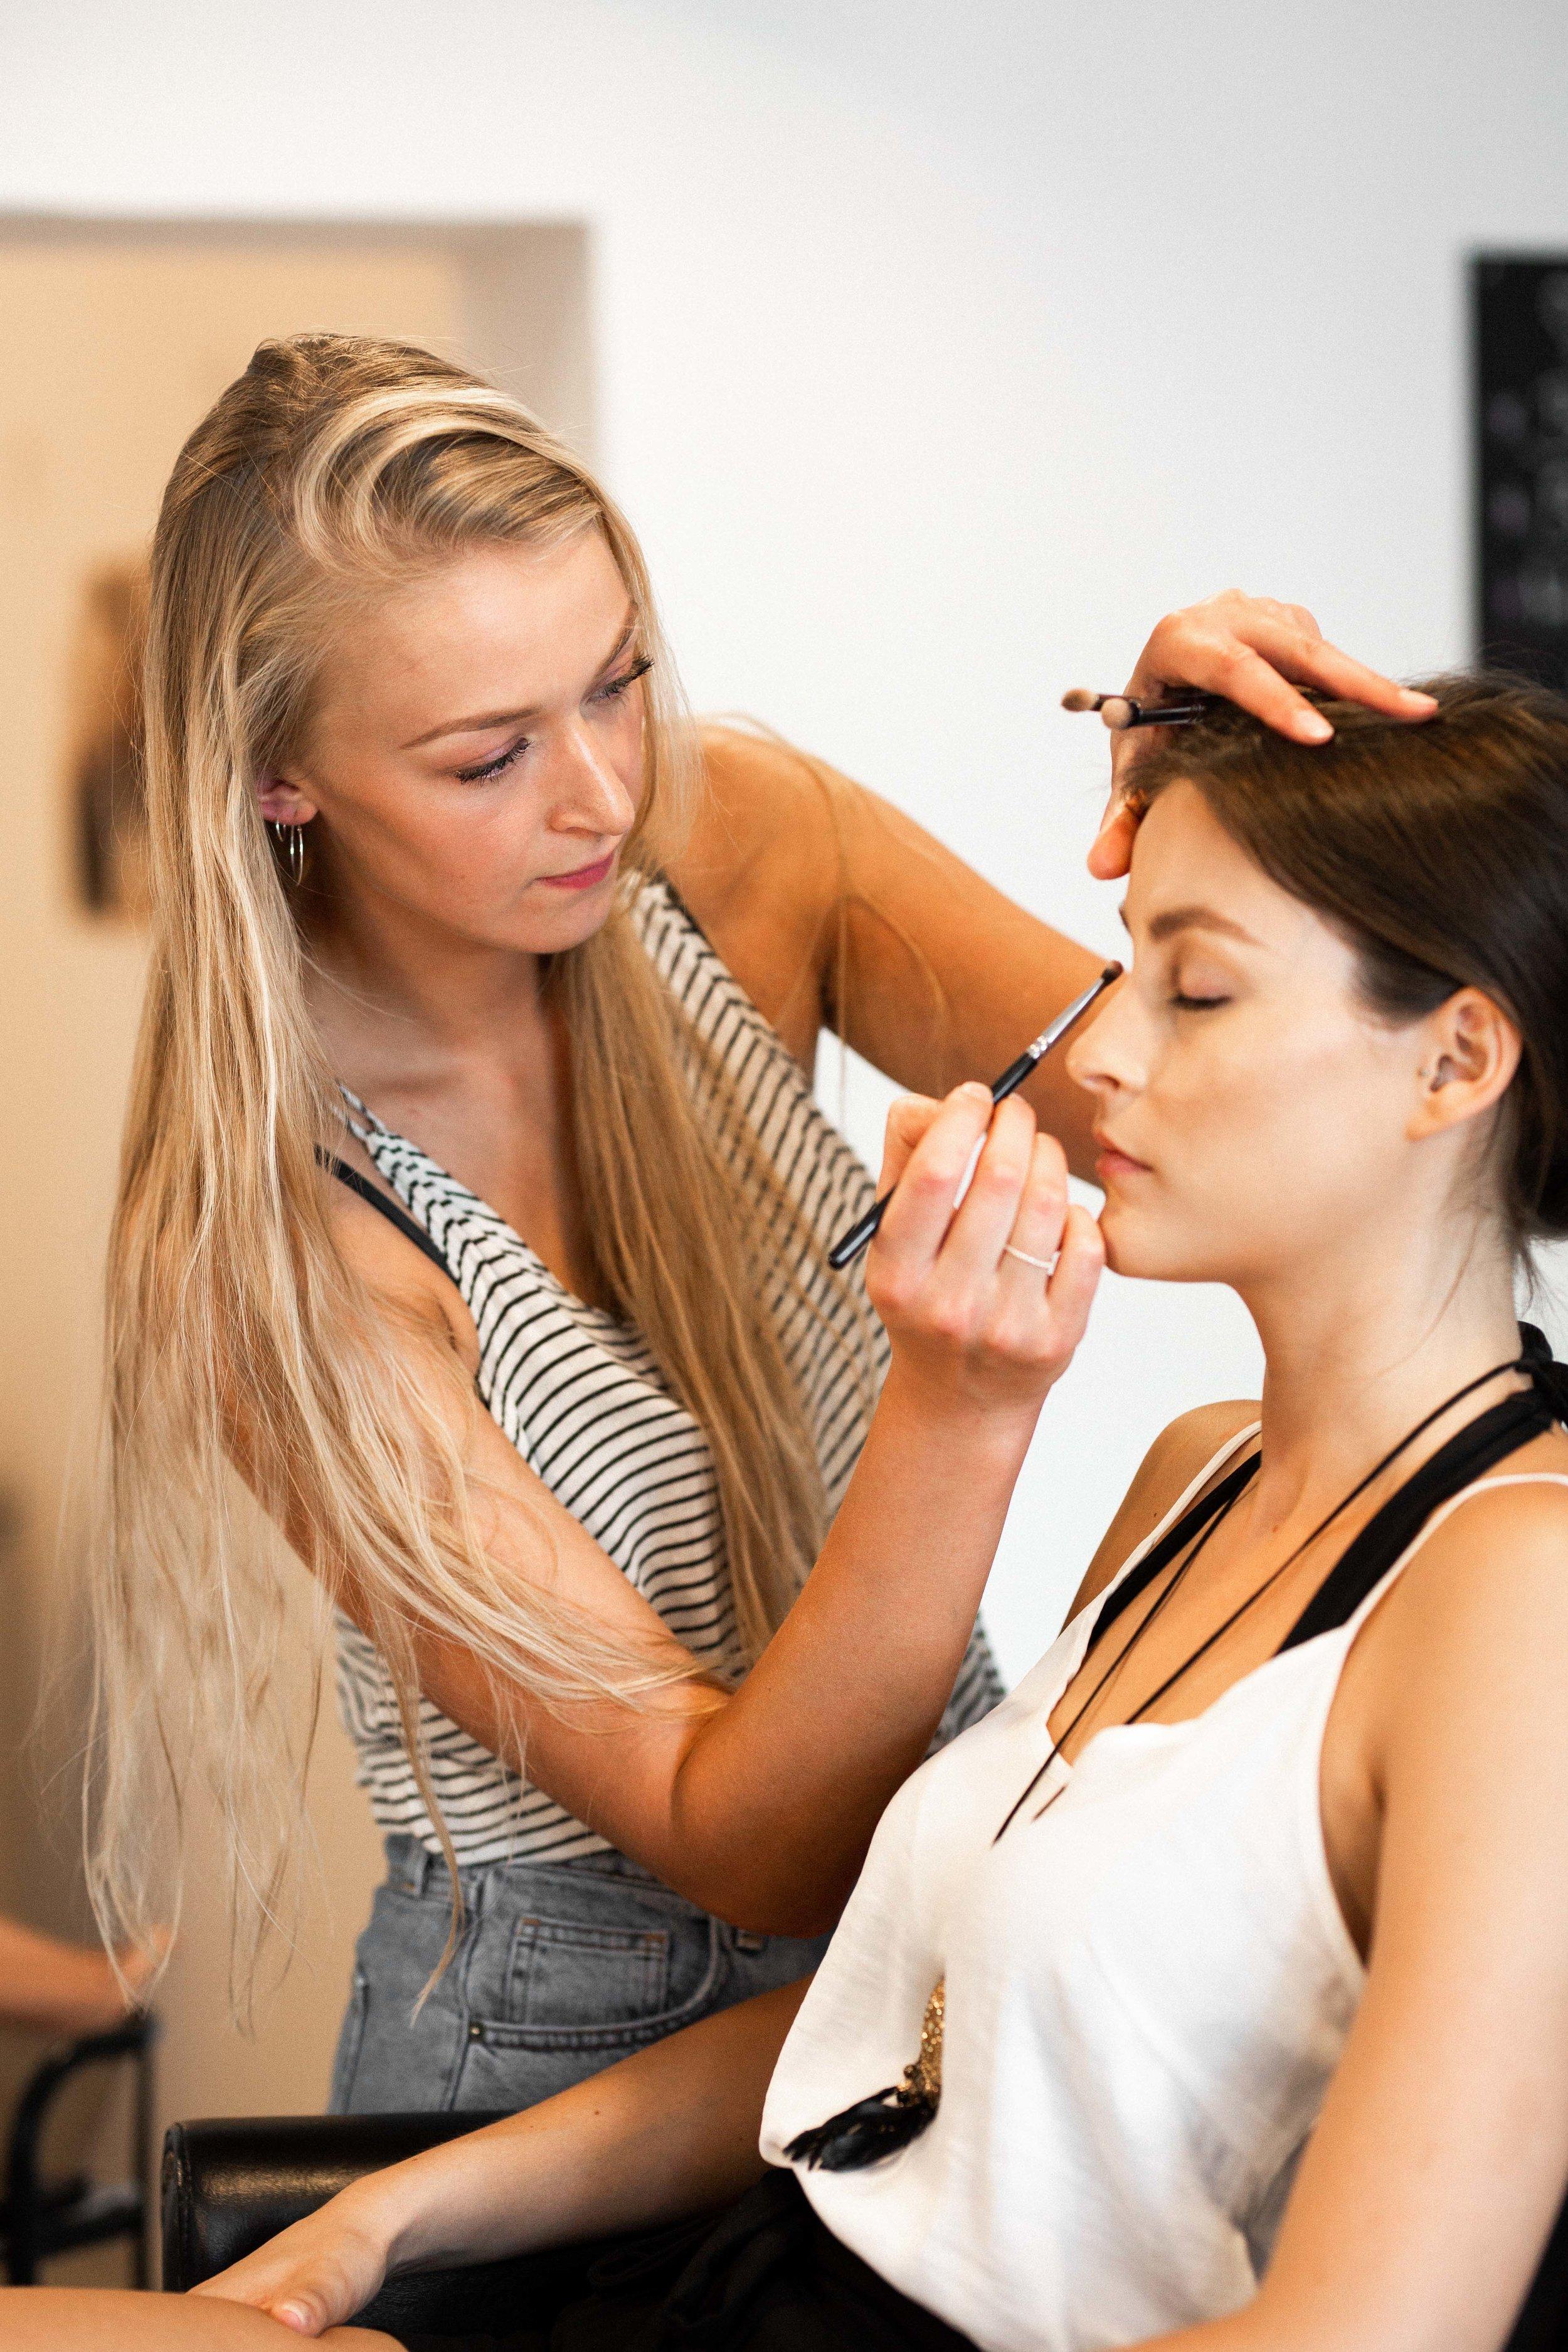 Hair und Make-up Artist